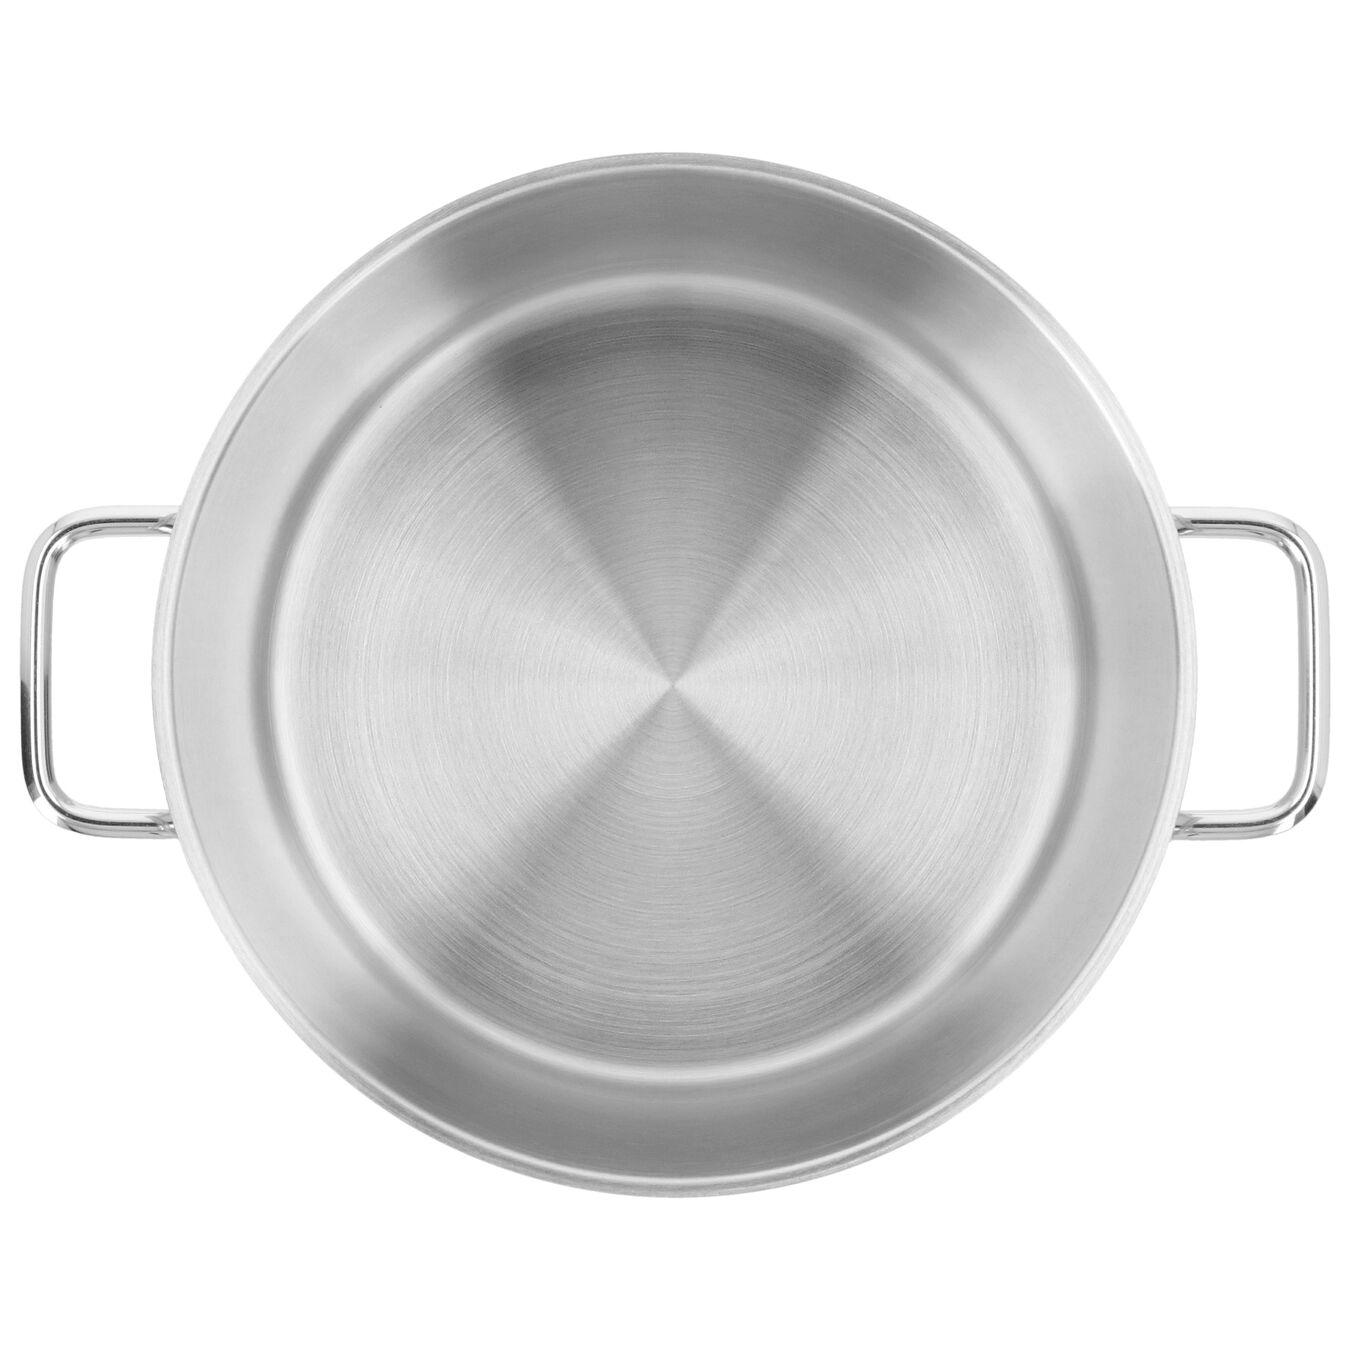 Derin Tencere Kapaklı | 18/10 Paslanmaz Çelik | 24 cm,,large 2